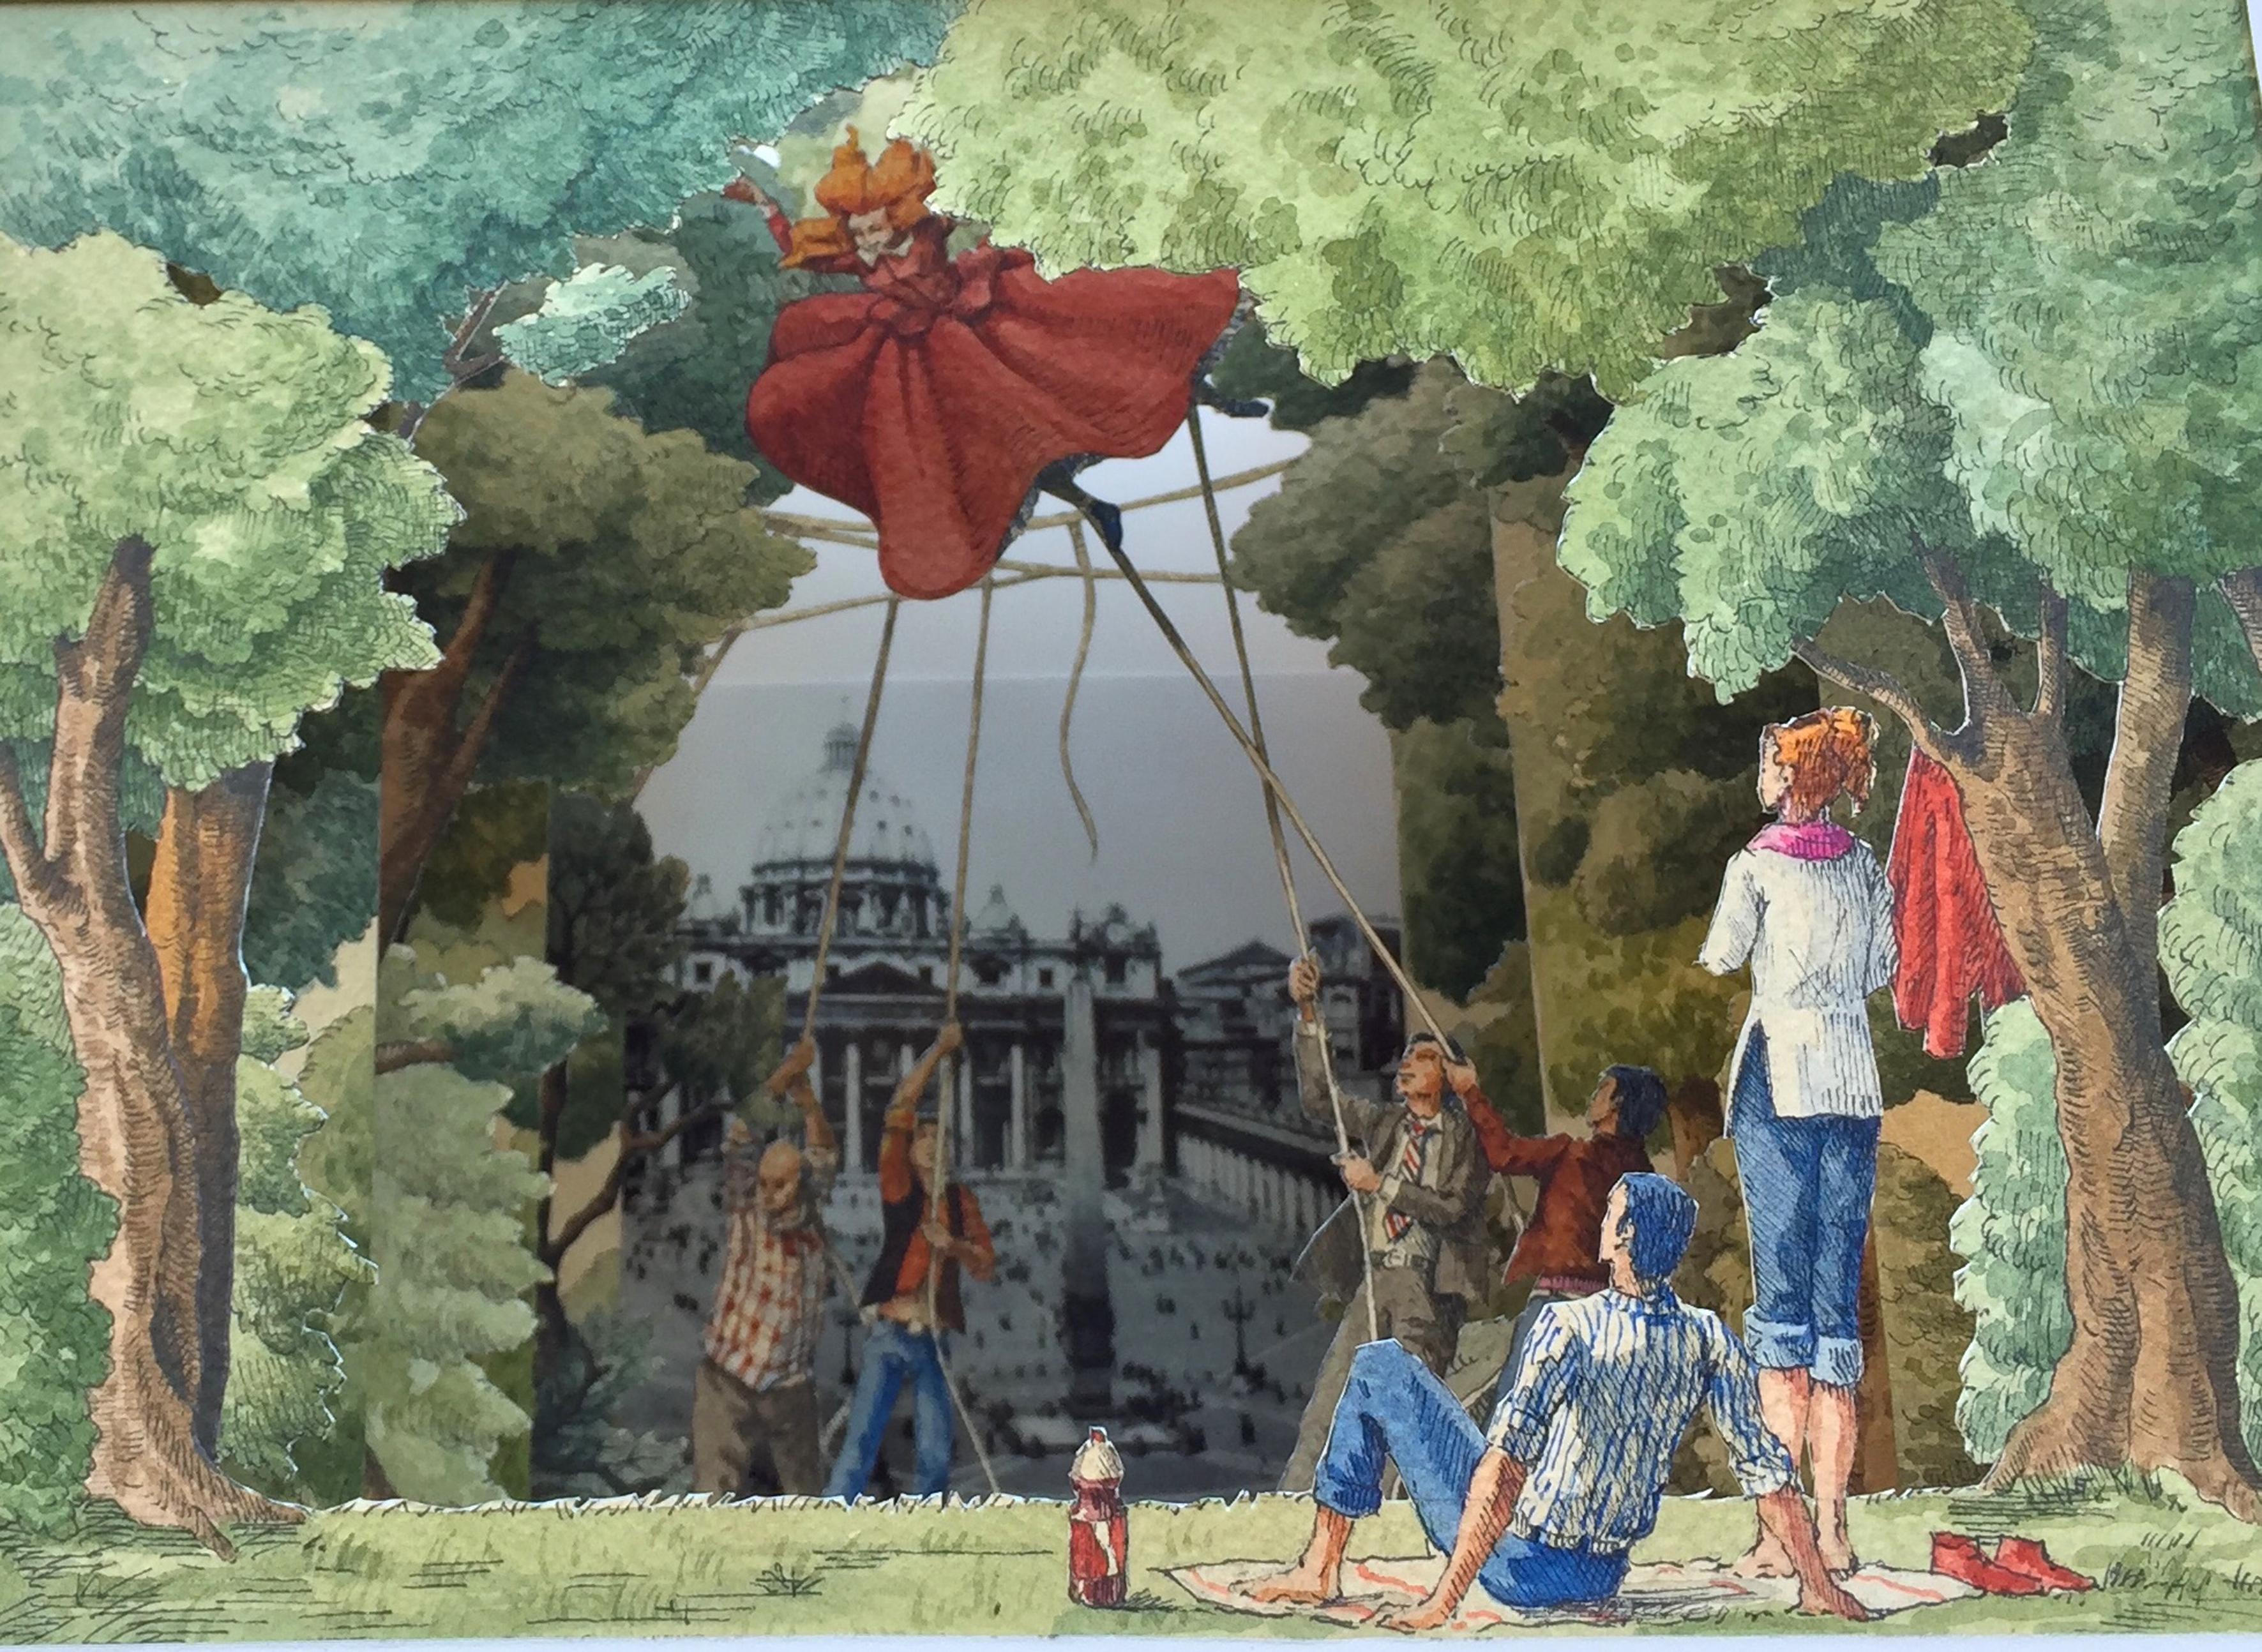 Saluti da Roma (Acqua alle corde), 2018, cm 35x50x30 acquerello, china, su carta